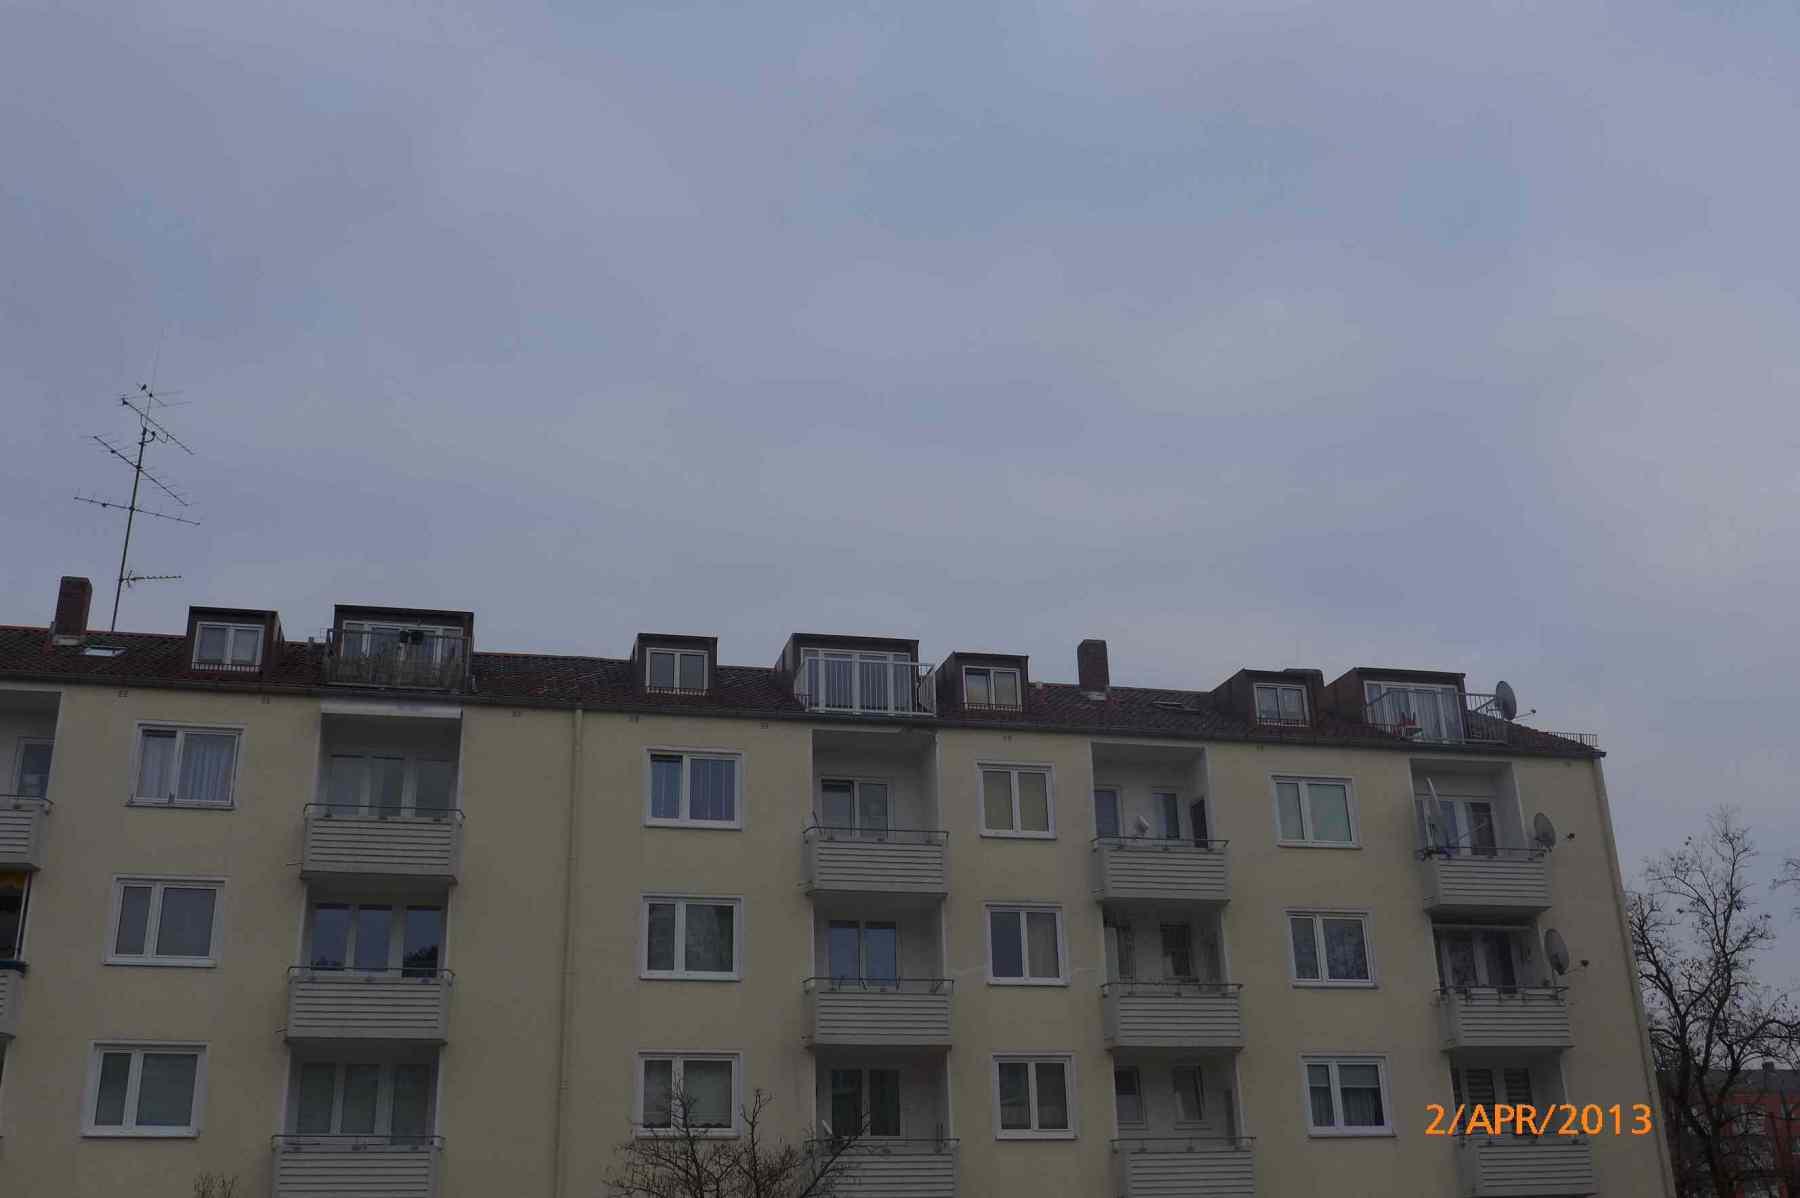 Dachsanierung-Muenchen-KFW-2